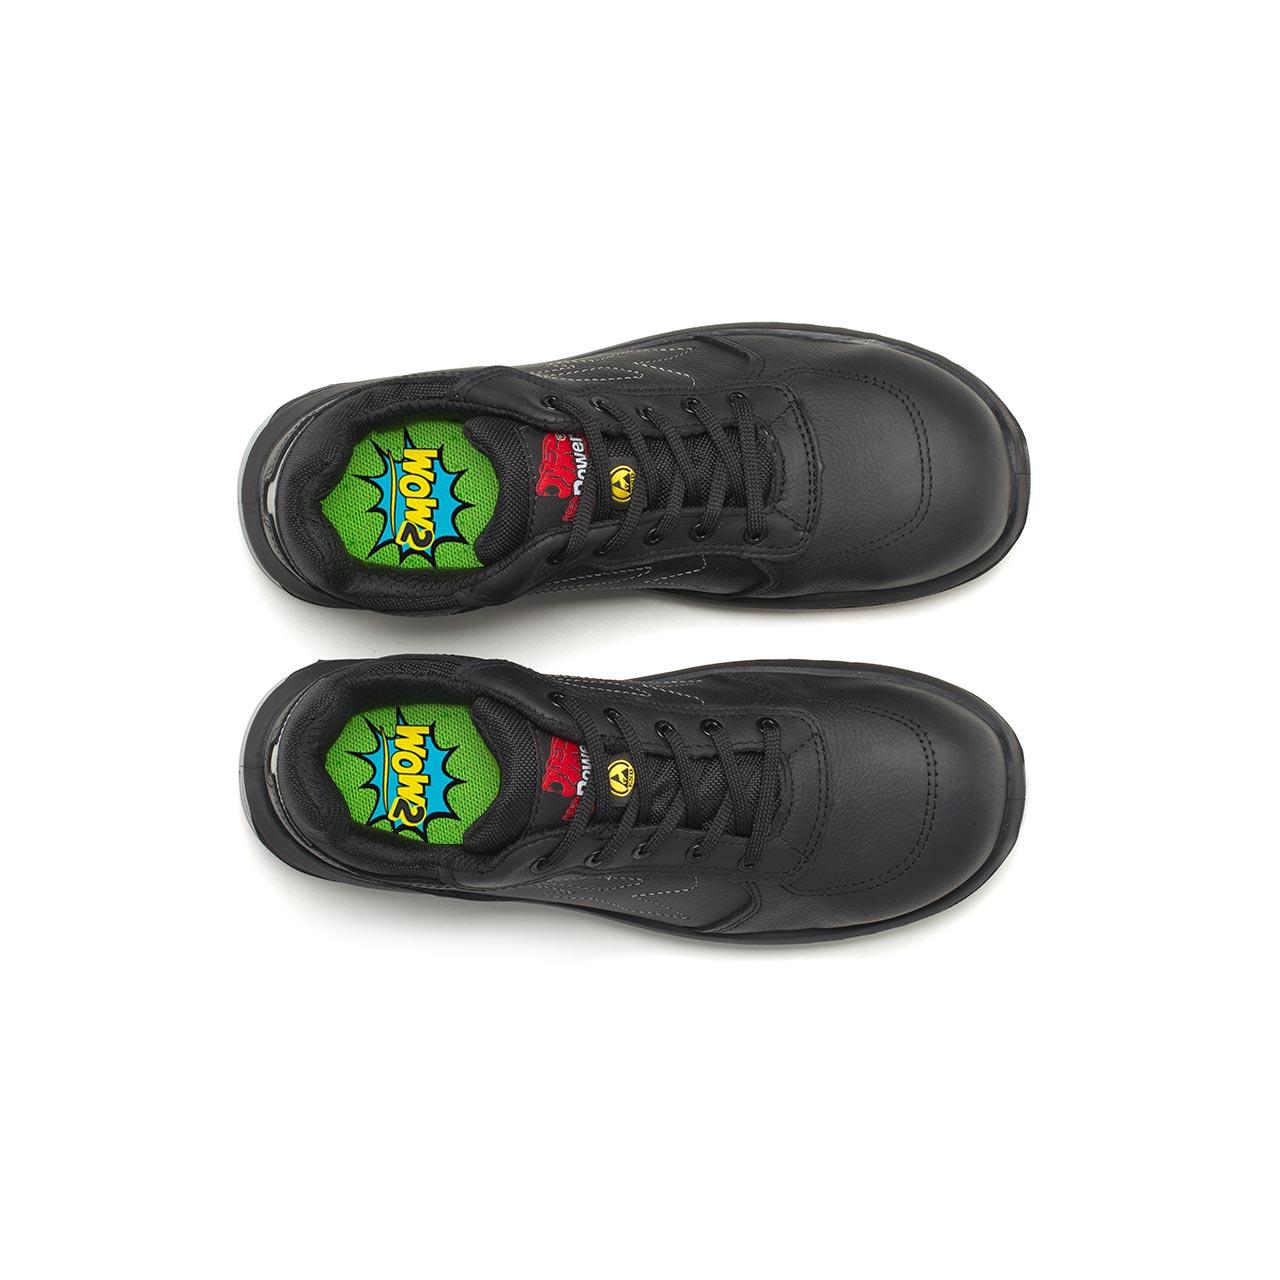 paio di scarpe antinfortunistiche upower modello nero linea redindustry vista top